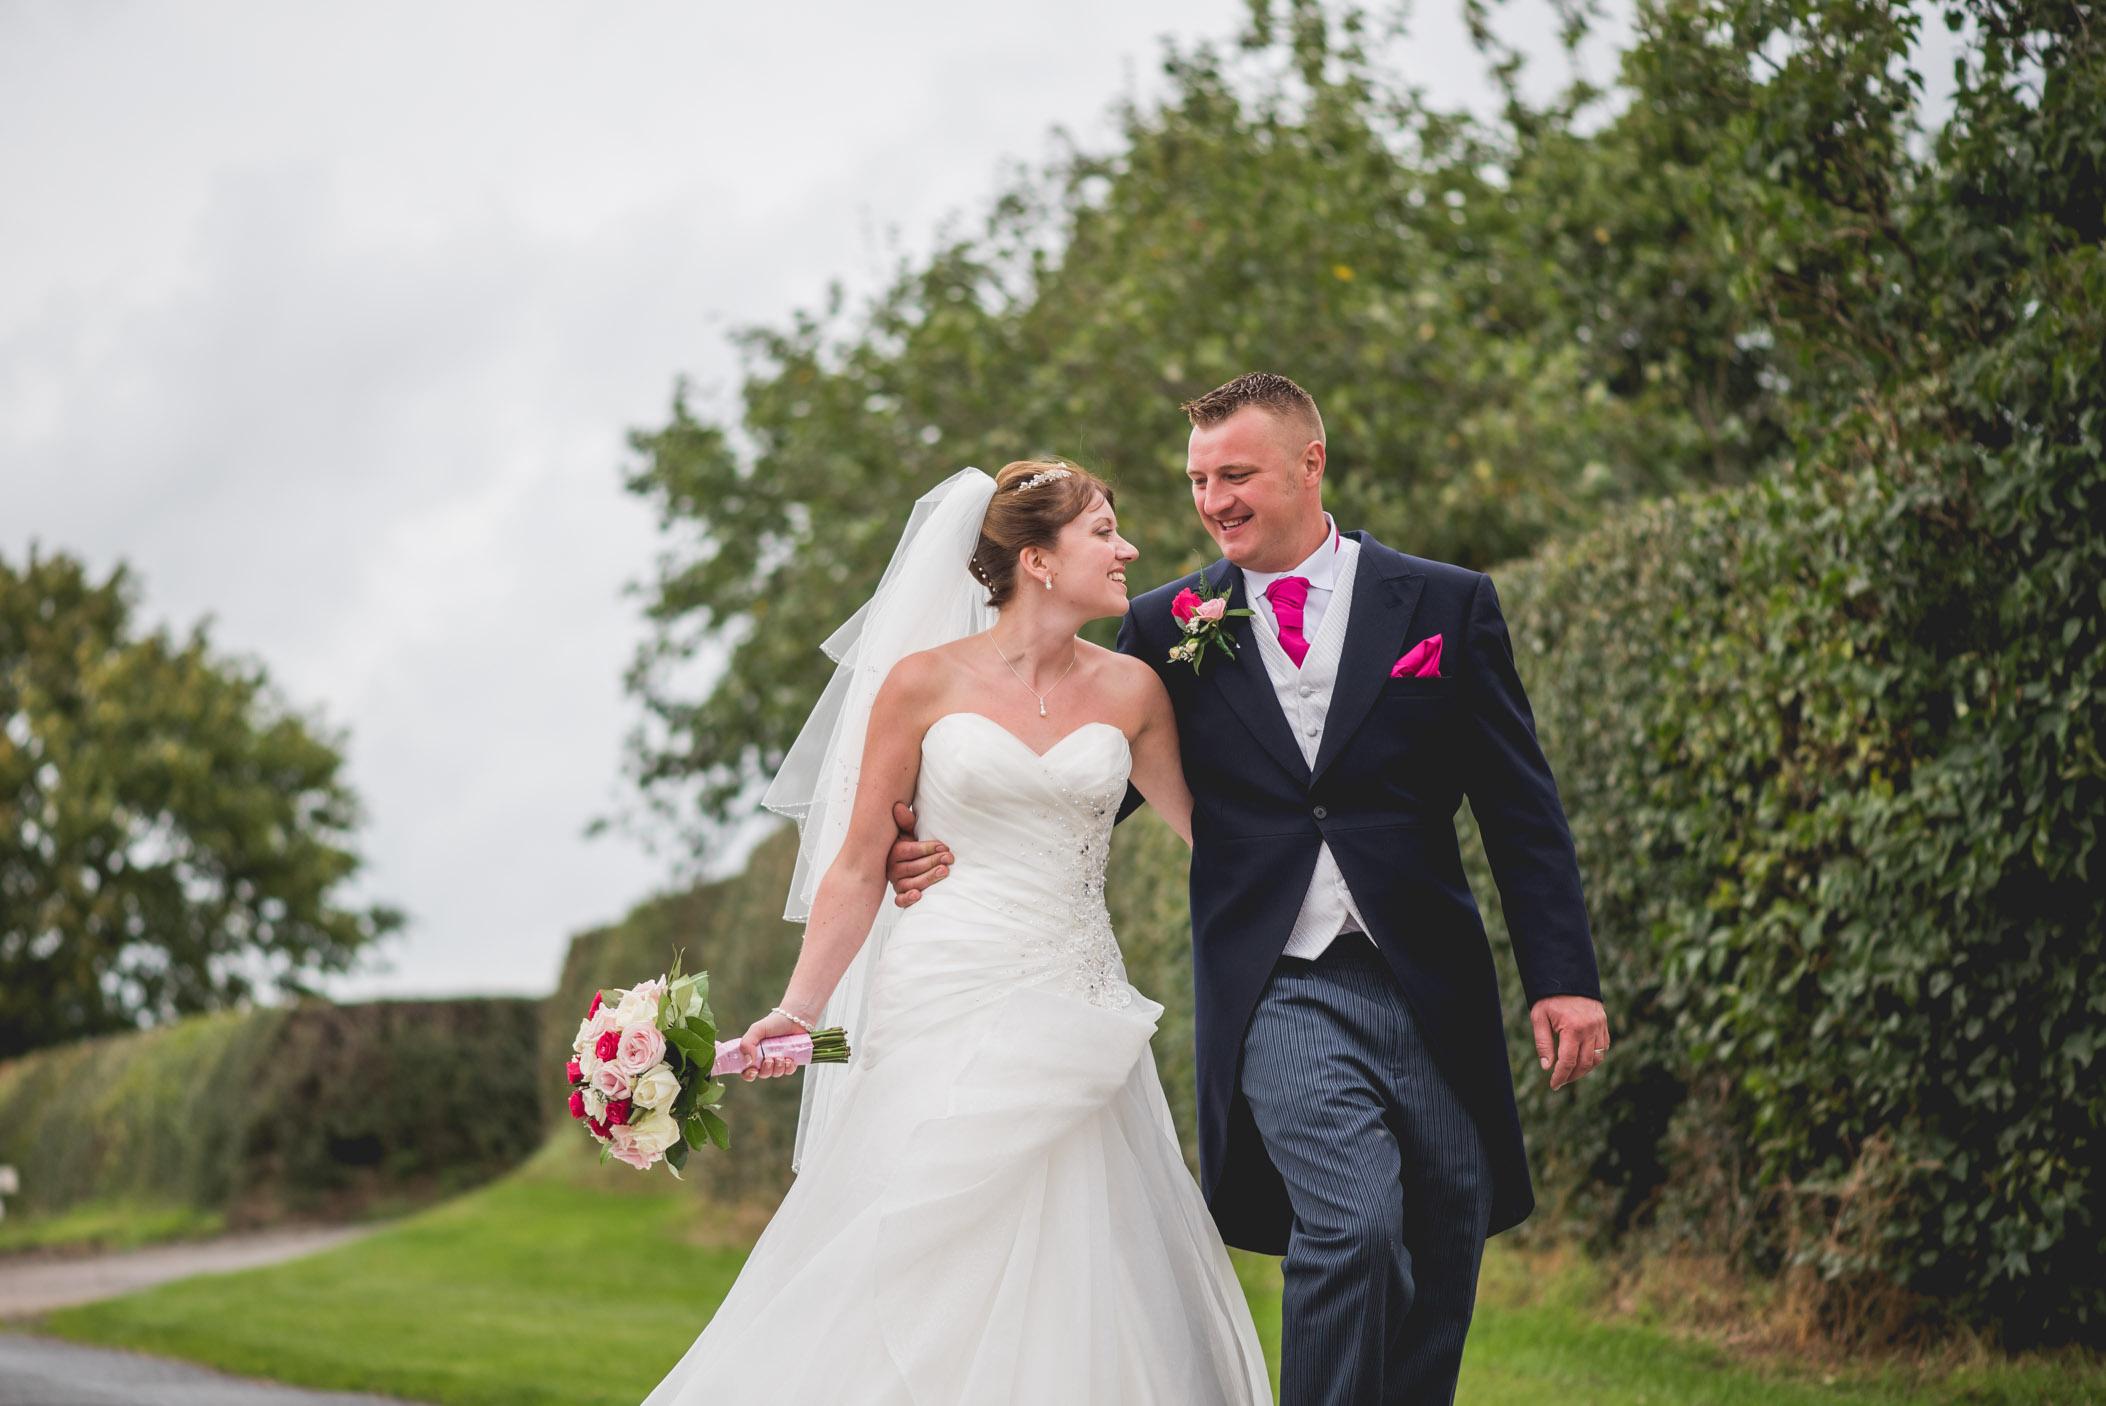 Farm-wedding-staffordshire-st-marys-catholic-church-uttoxter-74.jpg